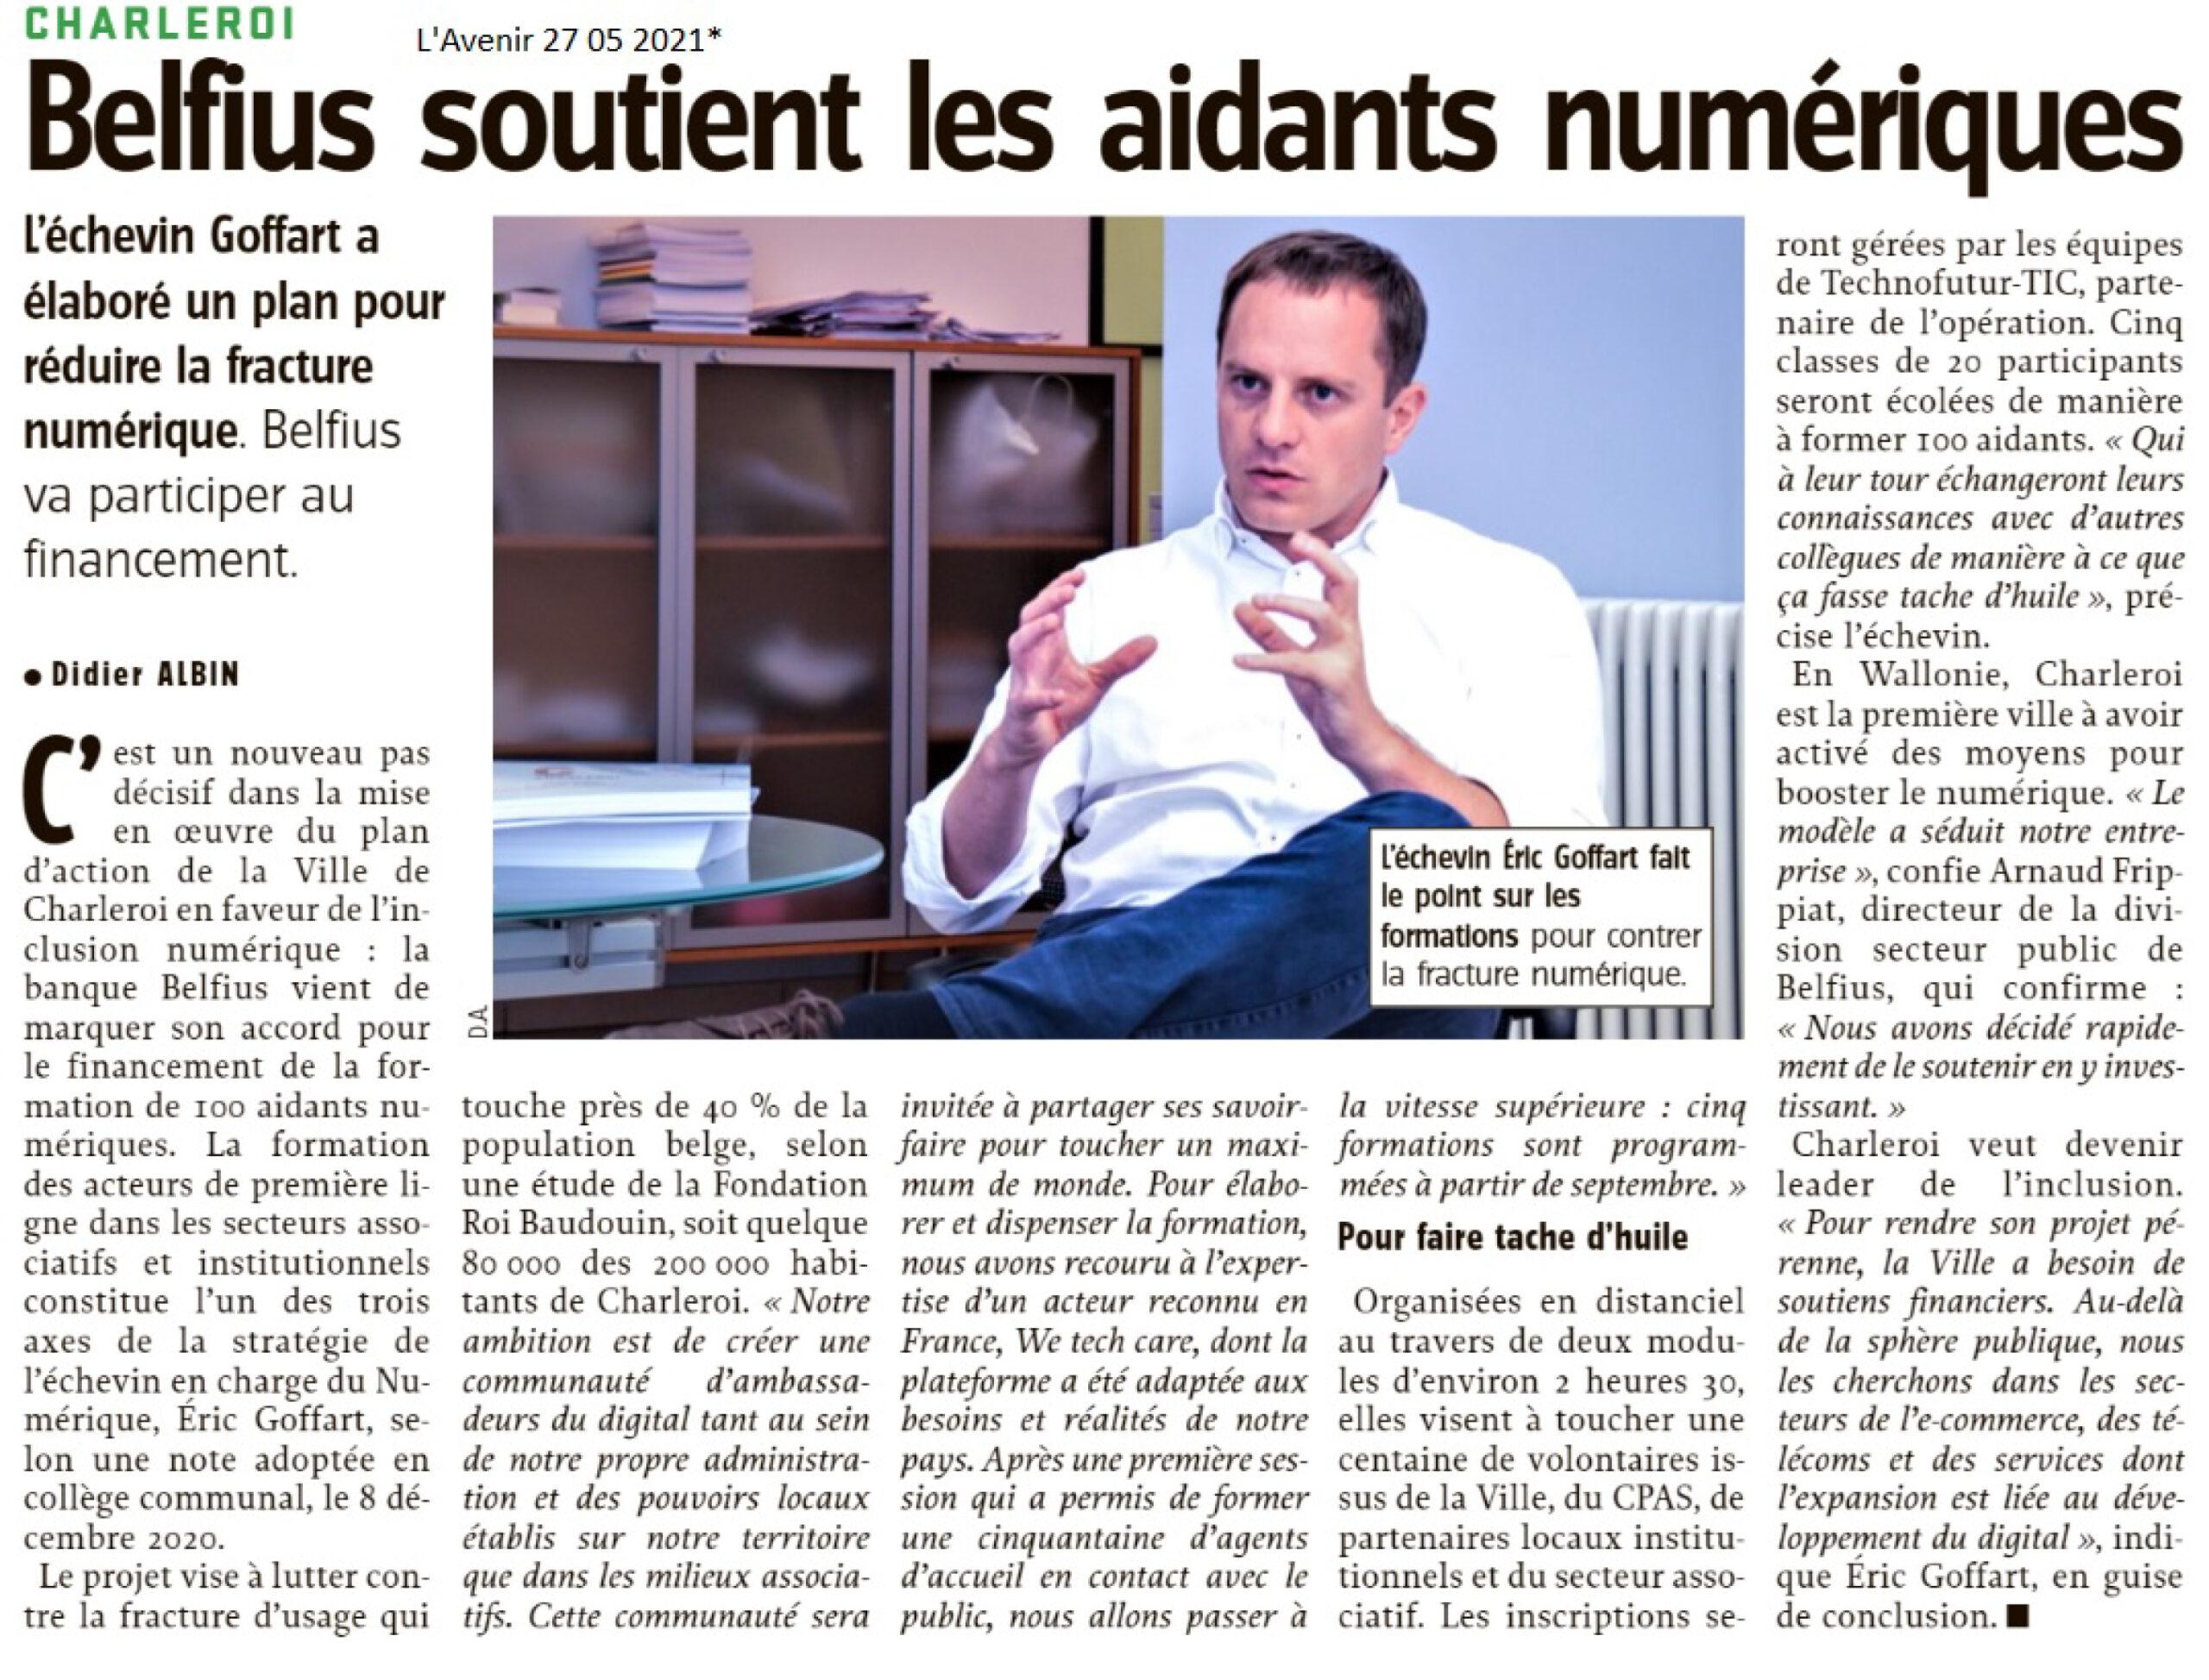 Eric Goffart - Belfius soutient les aidants numériques à Charleroi